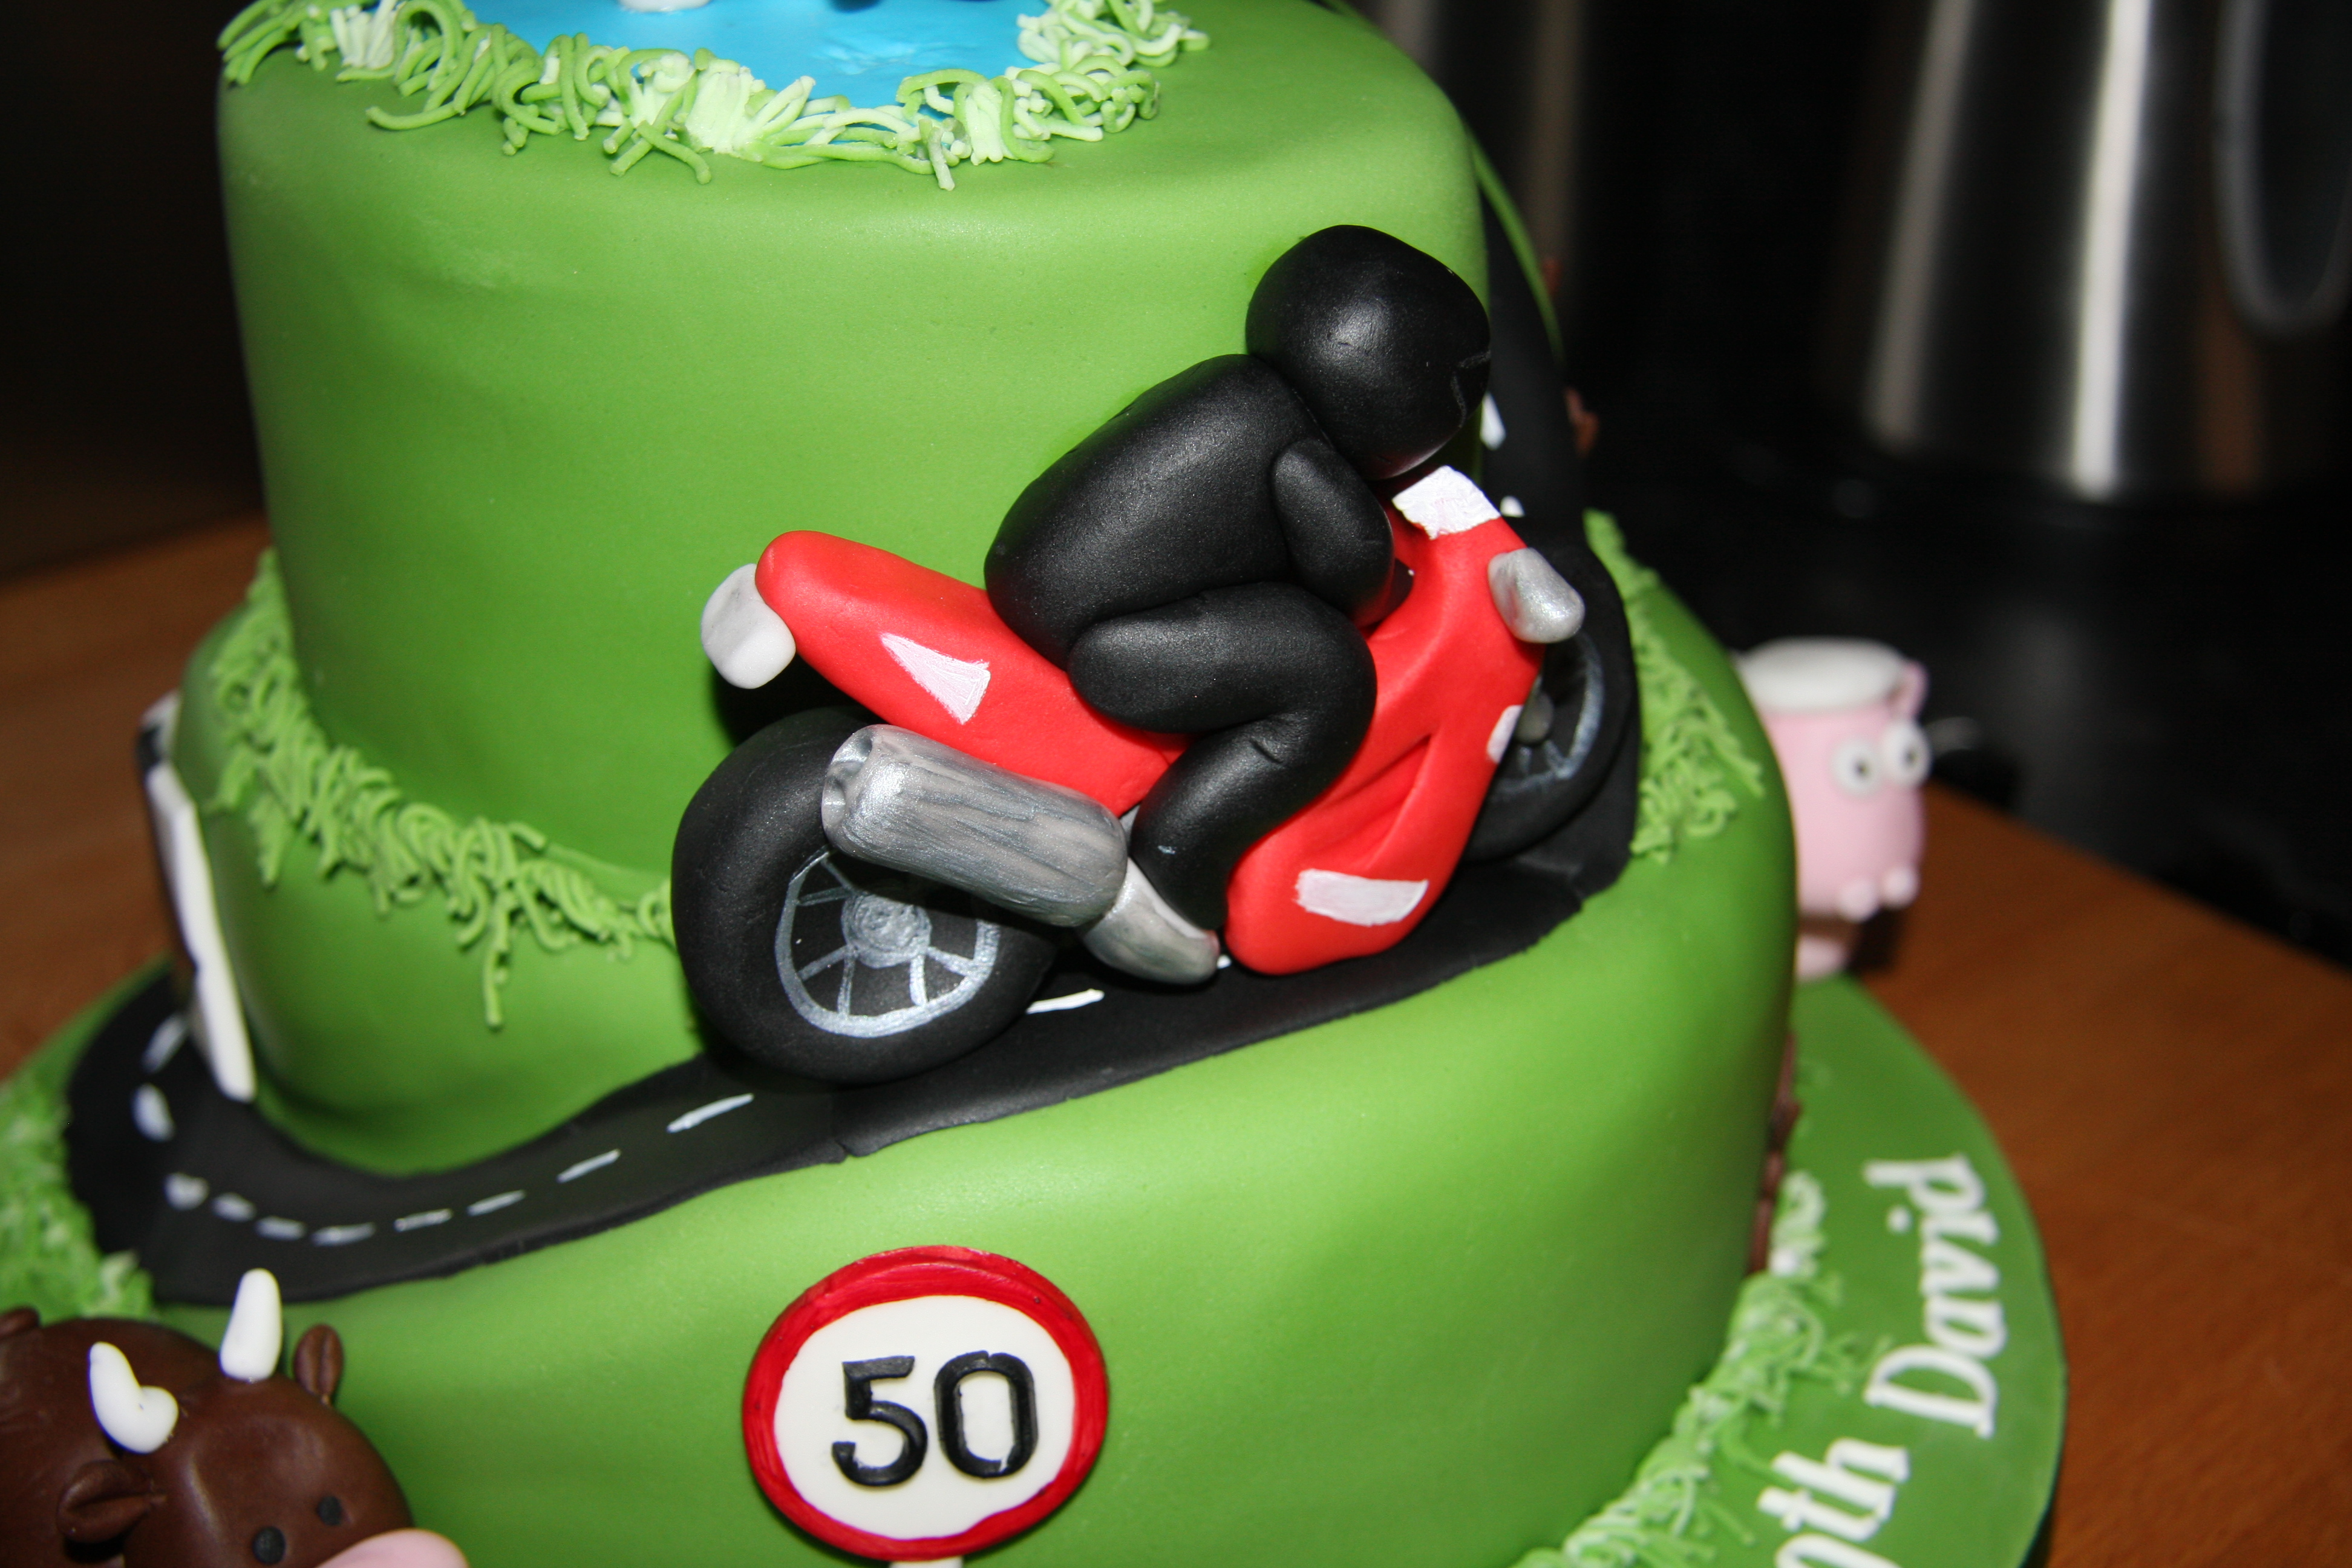 Motorbike Fun Little Black Hen